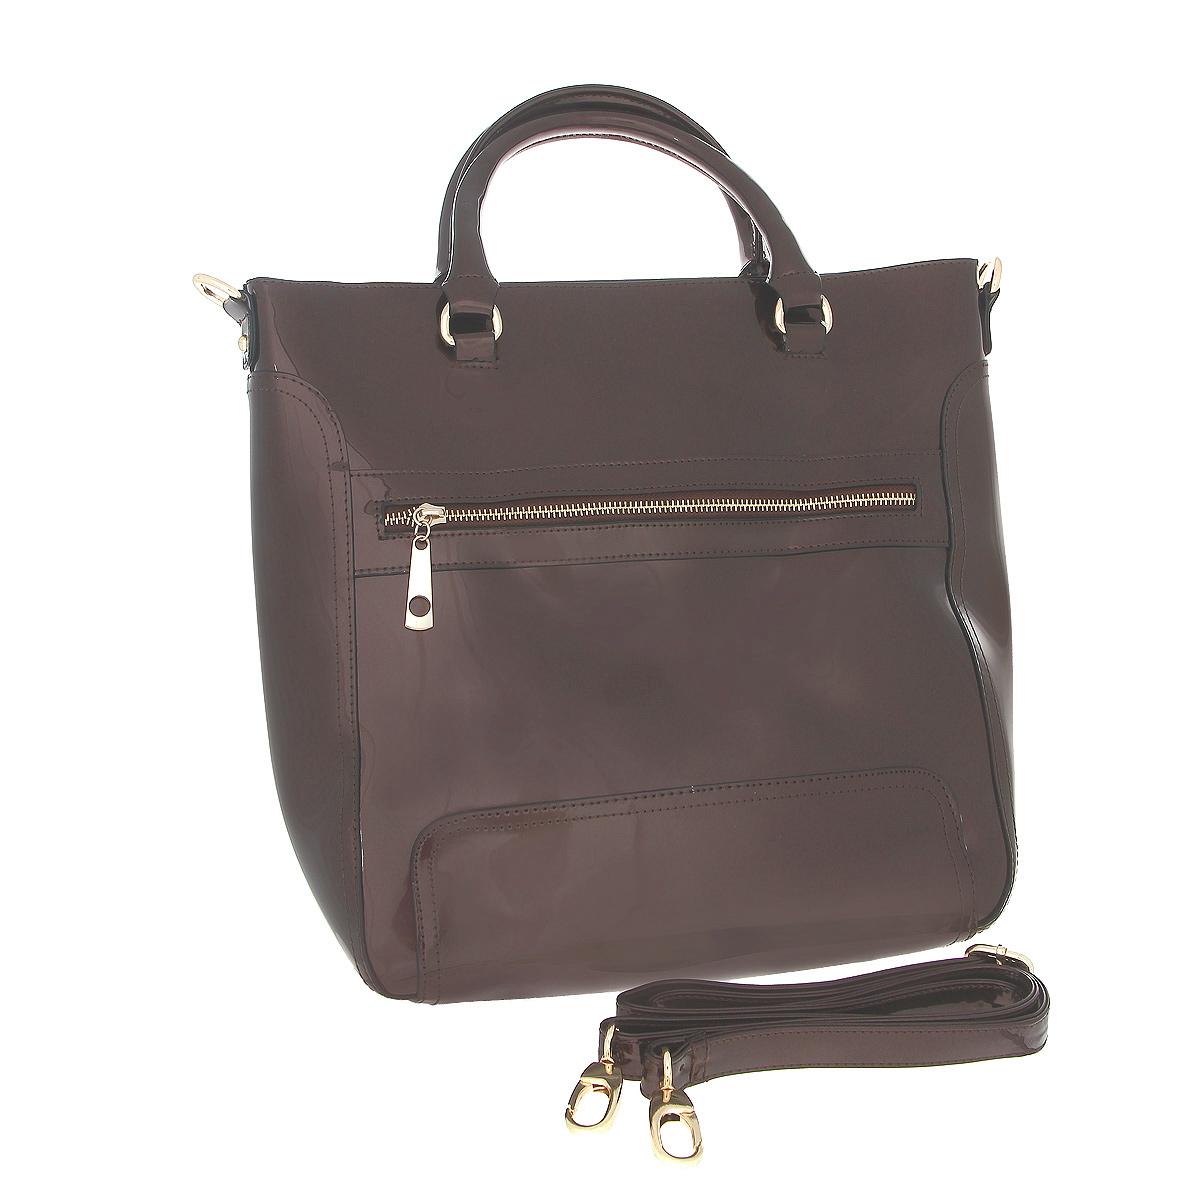 Сумка женская Fancy bag , цвет: коричневый. CM-6066-09CM-6066-09 коричСтильная сумка Fancy Bag выполнена из искусственной лаковой кожи коричневого цвета. Сумка закрывается на застежку-молнию. Имеет одно отделение, содержащее внутри два кармашка на застежке-молнии, два накладных открытых кармашка для мелочей. На задней стороне сумки расположен вшитый карман на молнии. На лицевой стороне небольшой вшитый кармашек. Сумка оснащена двумя ручками, крепящимися при помощи металлических колец и съемным плечевым ремнем. В комплекте чехол для хранения. Этот стильный аксессуар станет изысканным дополнением к вашему образу. Характеристики: Цвет: коричневый. Материал: искусственная кожа, металл, текстиль. Размер сумки: 36 см х 32 см х 12 см. Высота ручек: 12 см. Длина плечевого ремня: 60-120 см. Артикул: CM-6066-09.